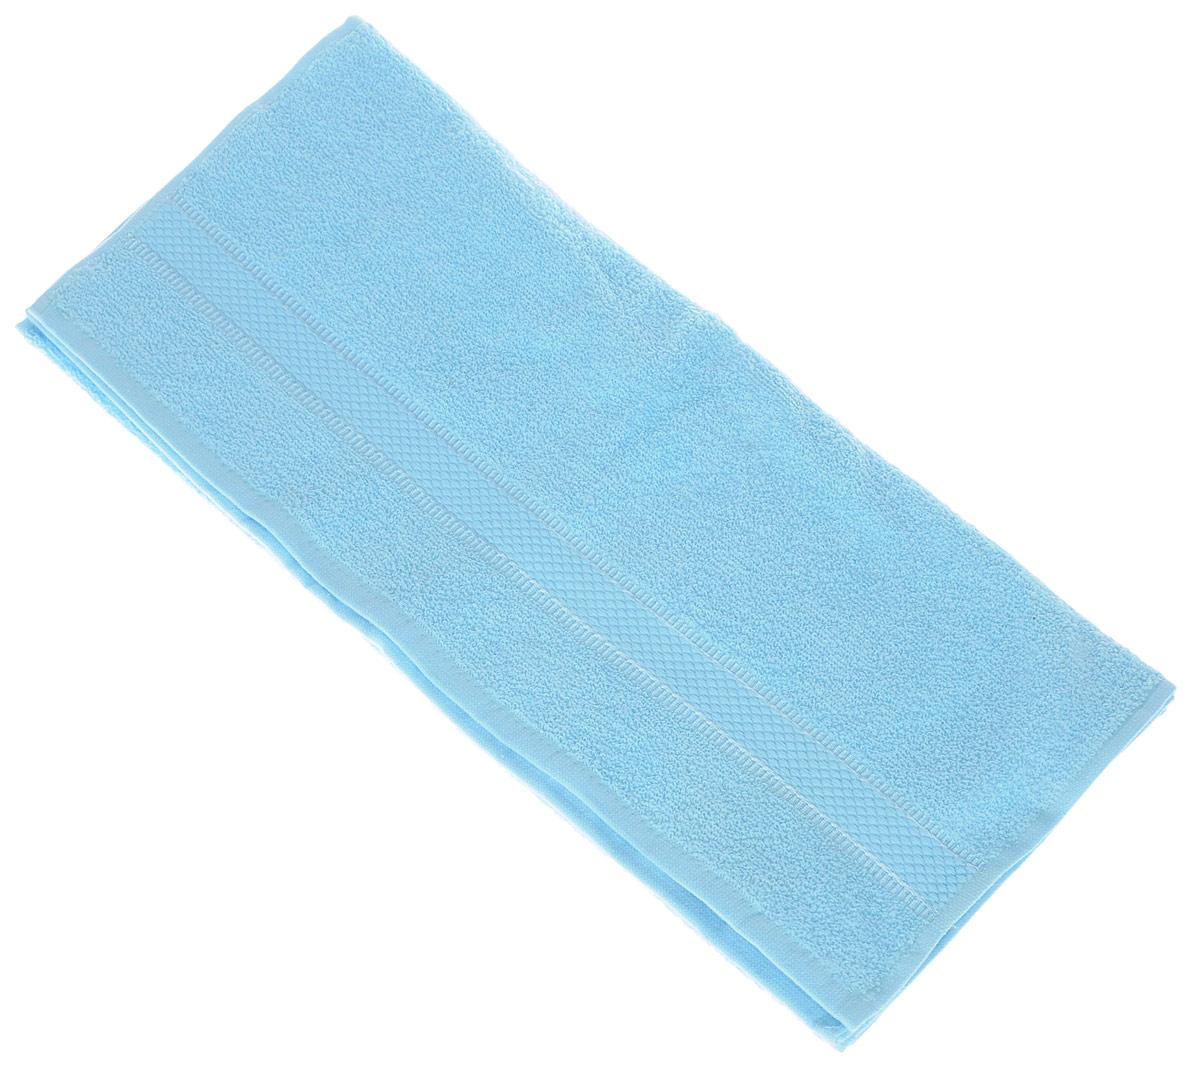 Полотенце Brielle Basic, цвет: бирюзовый, 50 х 85 см1209Полотенца ТАС Приятно удивляют и дают возможность почувствовать себя творцом окружающего декора. Махровая ткань – официальное название «фроте», народное – «махра». Фроте – это натуральная ткань, поверхность которой состоит из ворса (петель основных нитей). Ворс может быть как одинарным (односторонним), так и двойным (двусторонним).